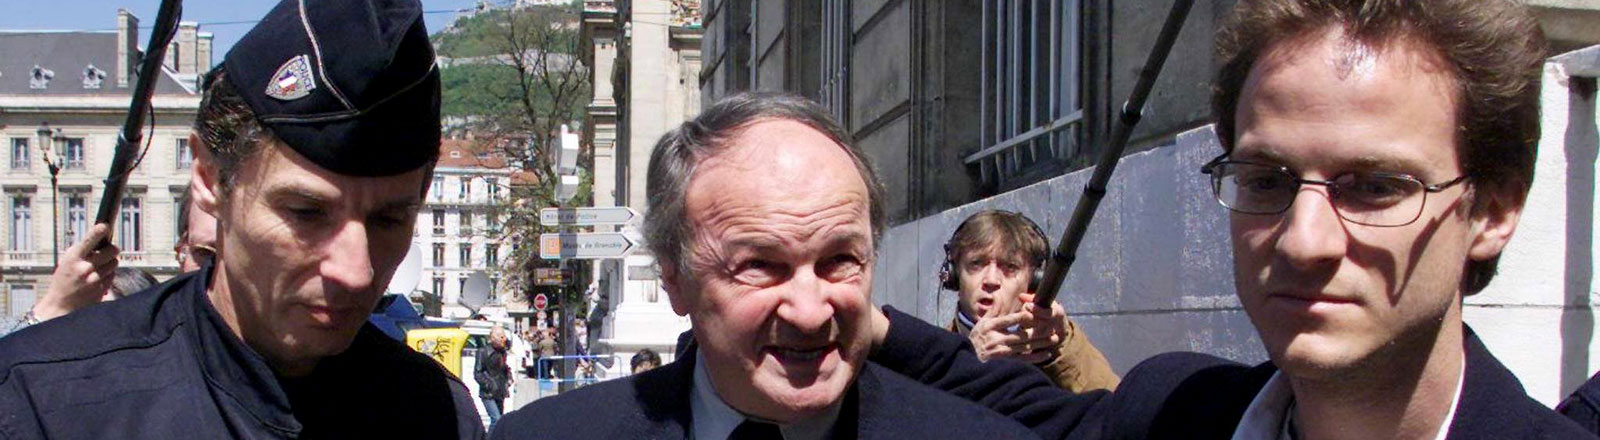 Michel Tabachnik wurde verteilt, weil er Mitglieder des Sonnentempler-Ordens zu Mord oder Selbstmord verleitet hat.